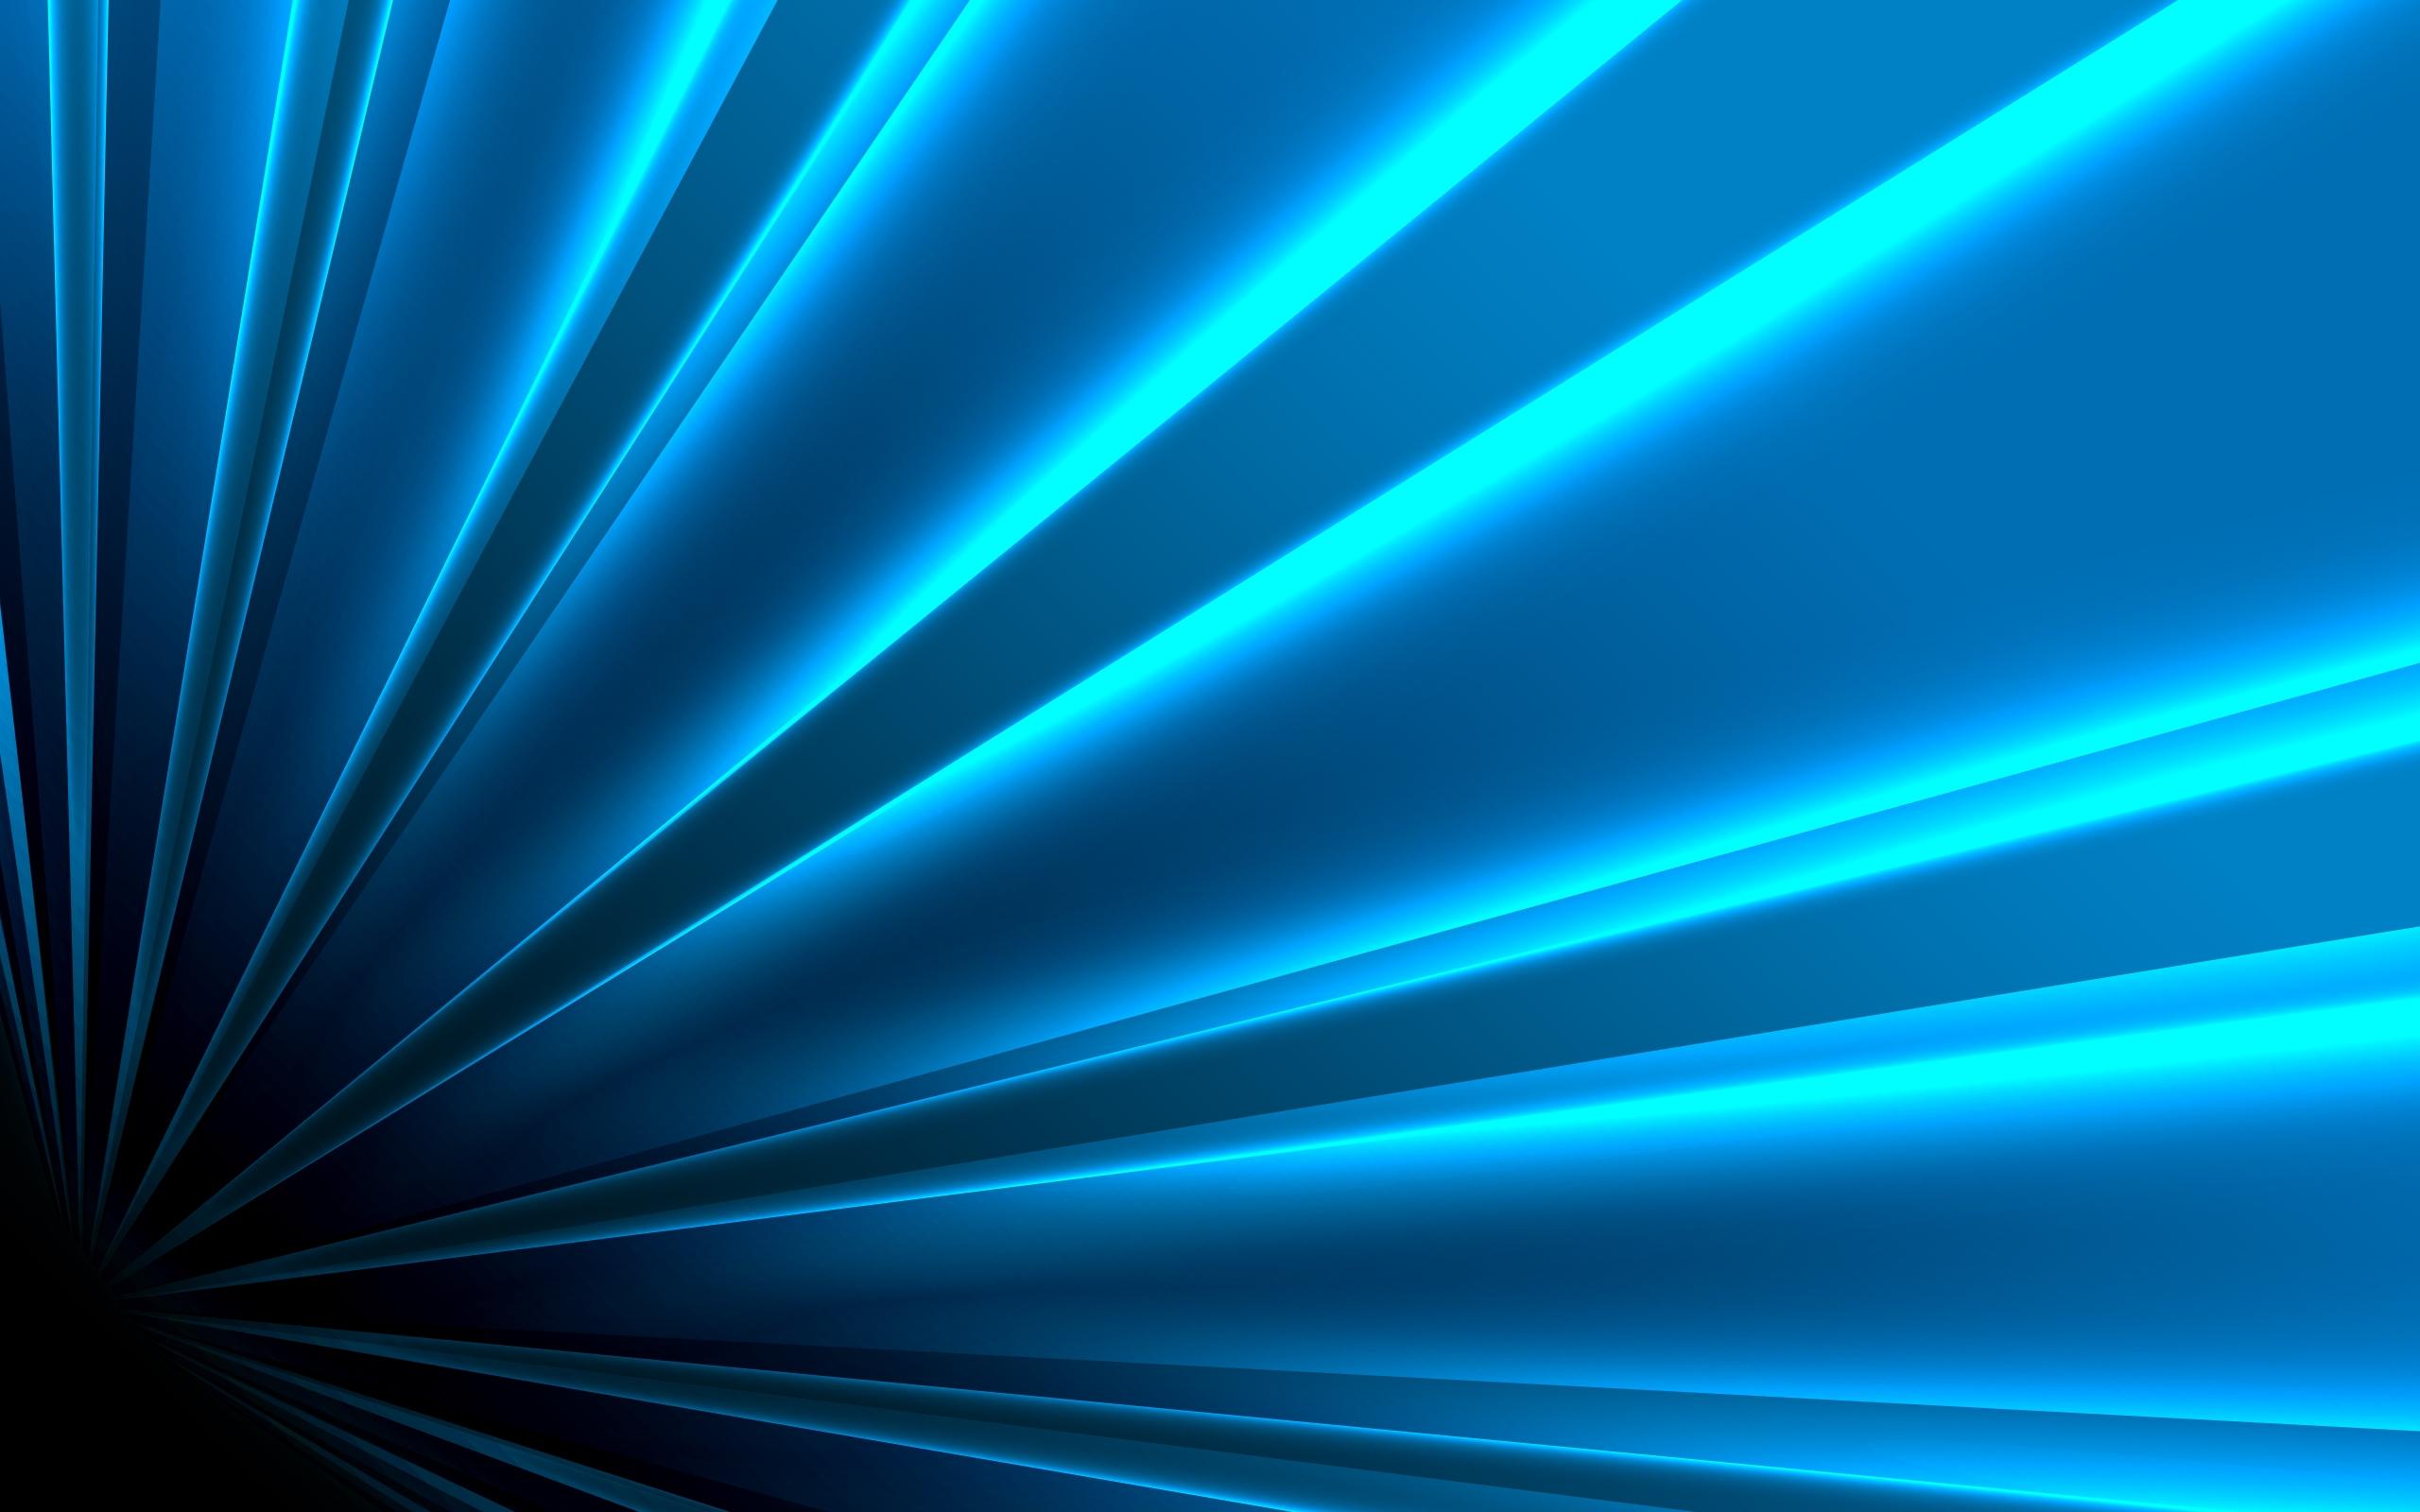 fond d 39 cran blanc ciel sym trie brillant laser angle lumi re ligne graphique papier. Black Bedroom Furniture Sets. Home Design Ideas